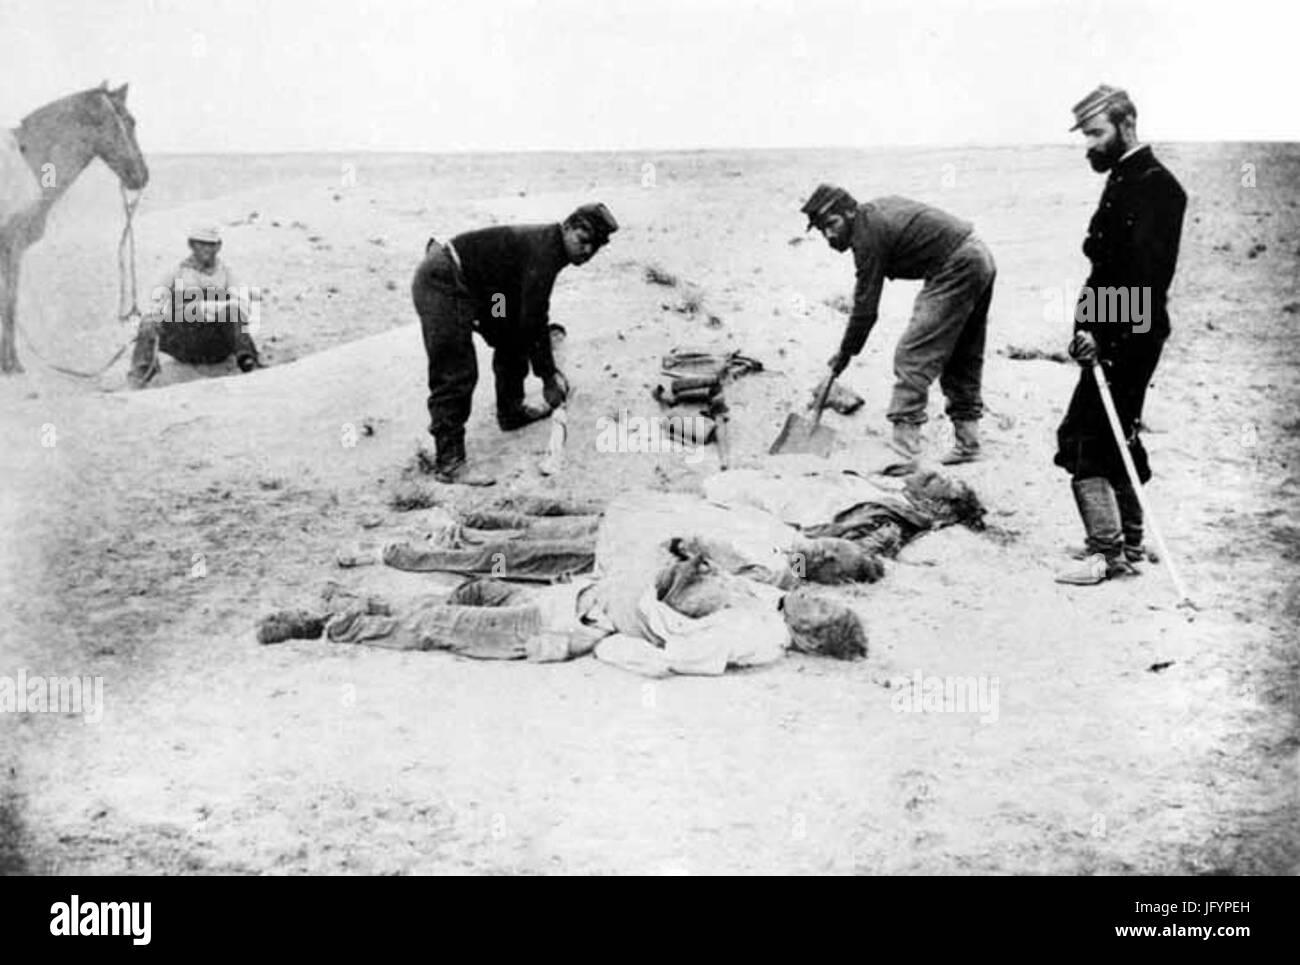 Fotografía de hombres muertos en el campo de La Alianza durante la Guerra del Pacífico en 1879. - Stock Image